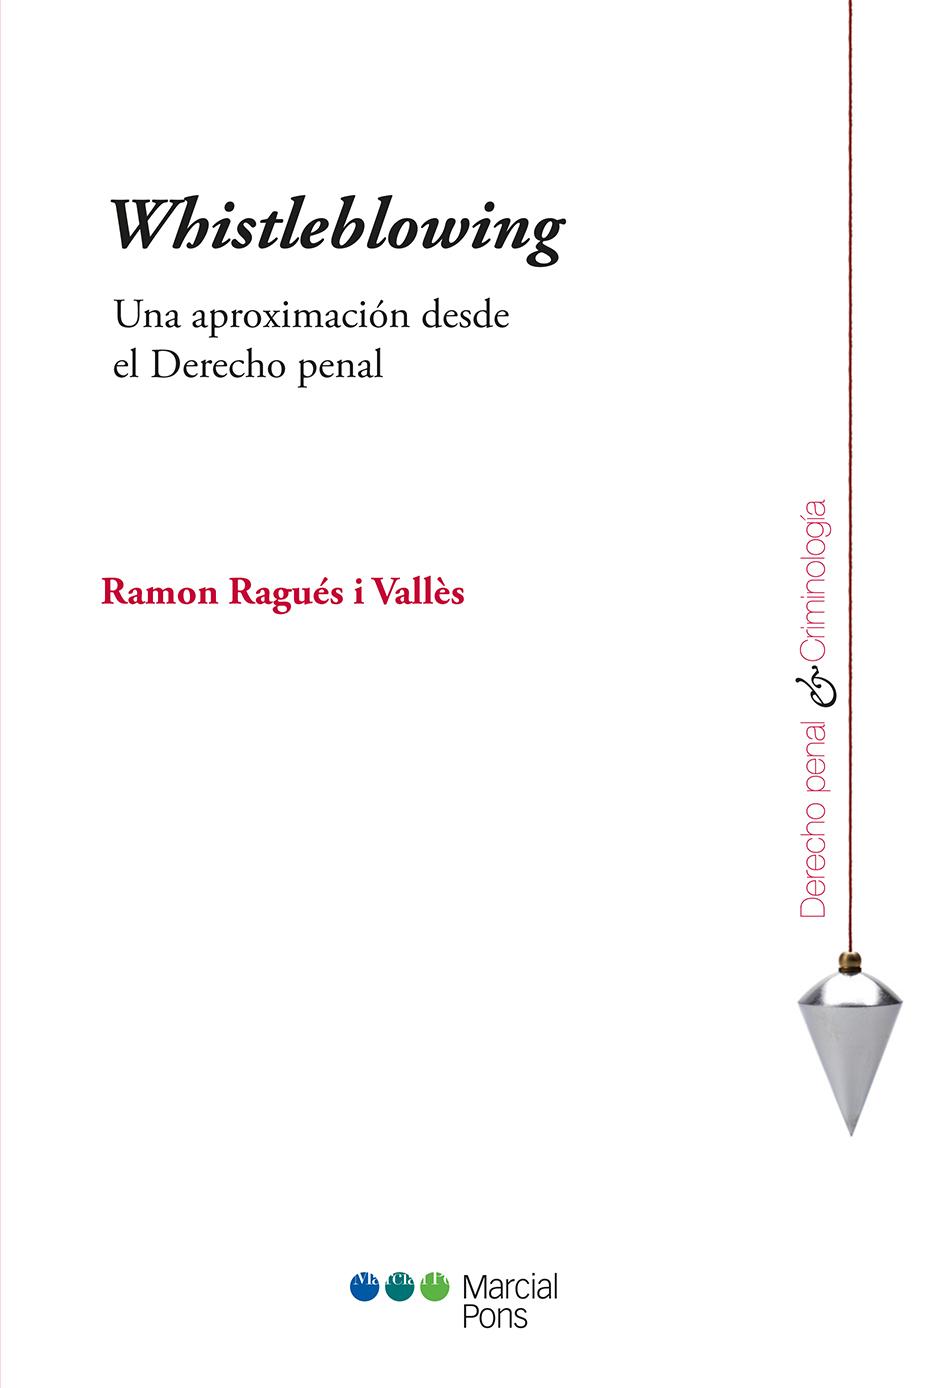 Portada del libro Whistleblowing